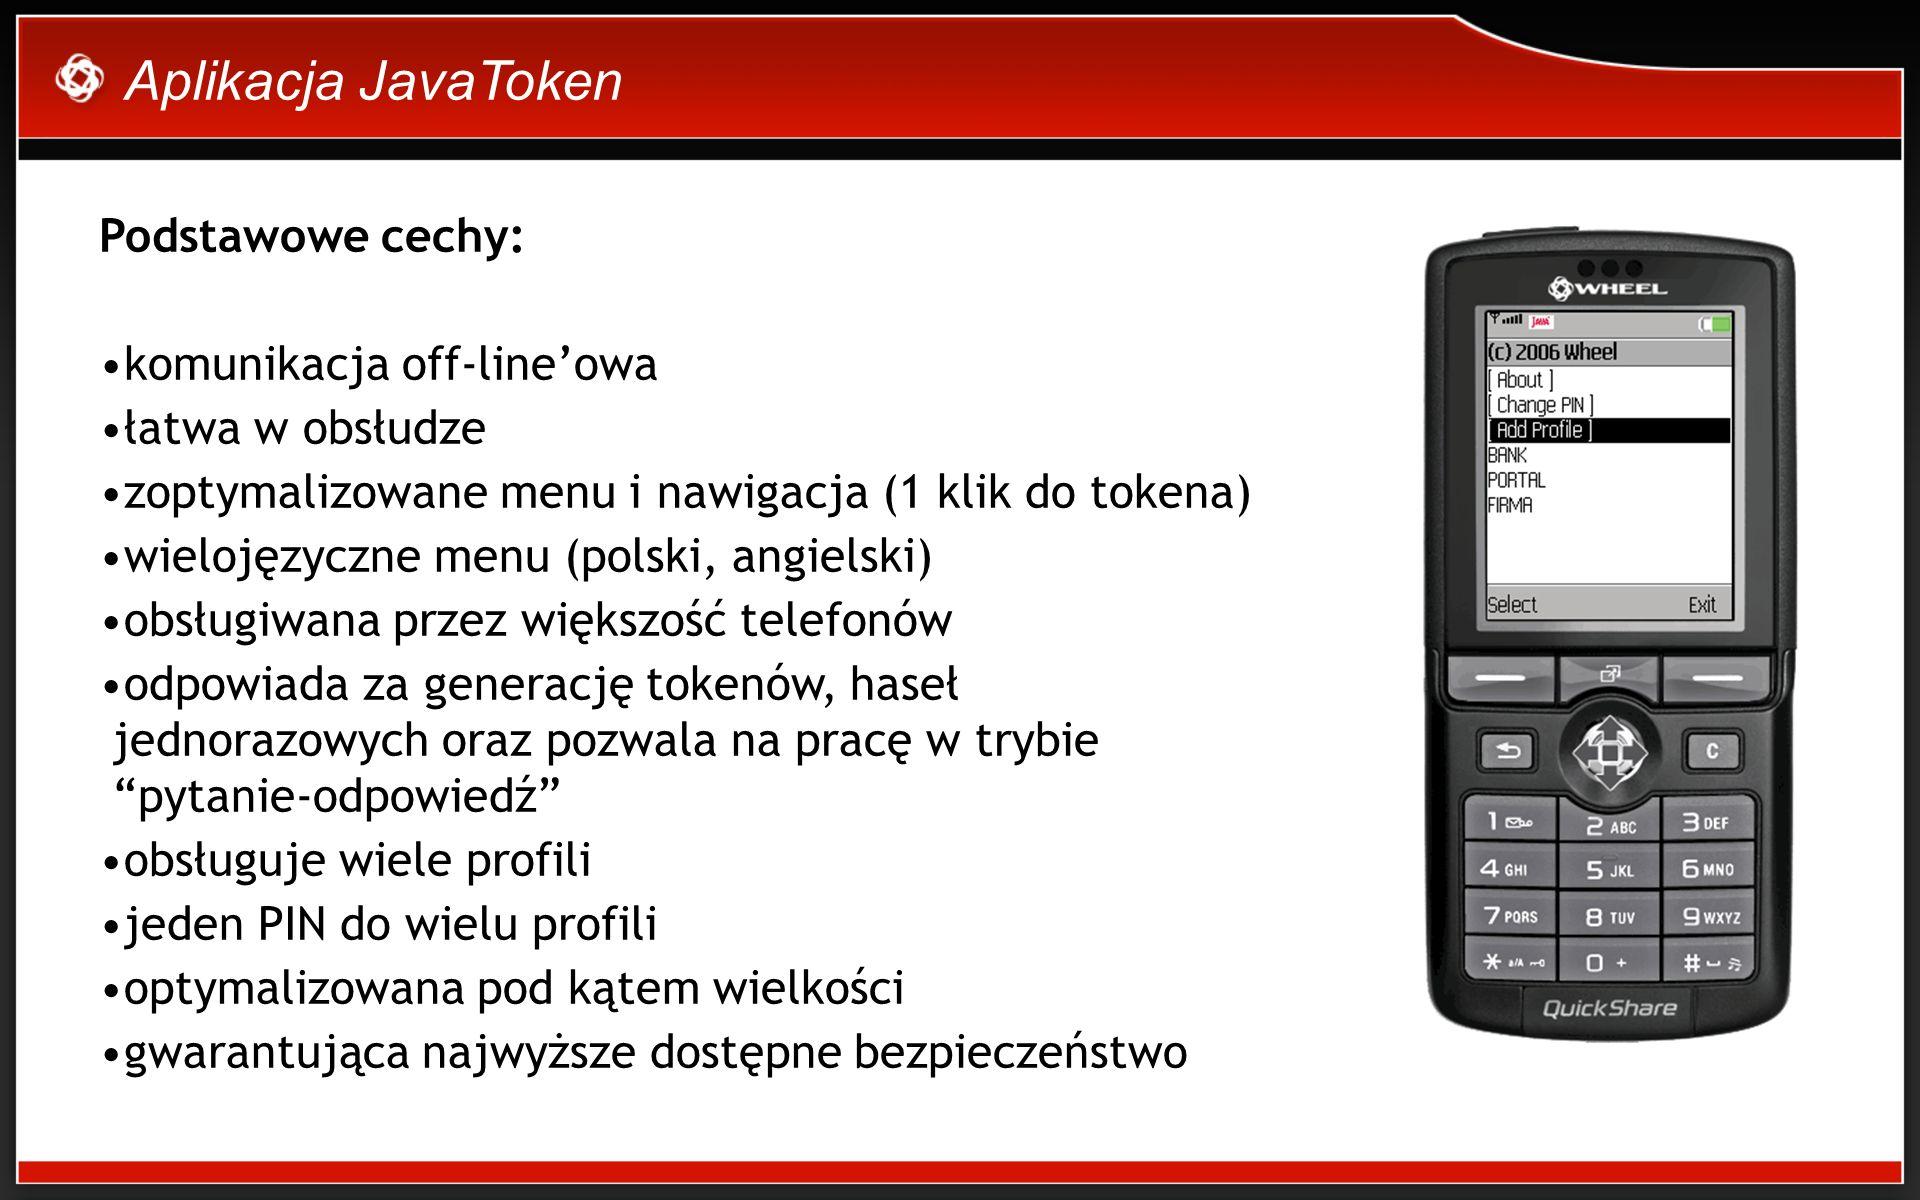 Aplikacja JavaToken Podstawowe cechy: komunikacja off-lineowa łatwa w obsłudze zoptymalizowane menu i nawigacja (1 klik do tokena) wielojęzyczne menu (polski, angielski) obsługiwana przez większość telefonów odpowiada za generację tokenów, haseł jednorazowych oraz pozwala na pracę w trybie pytanie-odpowiedź obsługuje wiele profili jeden PIN do wielu profili optymalizowana pod kątem wielkości gwarantująca najwyższe dostępne bezpieczeństwo